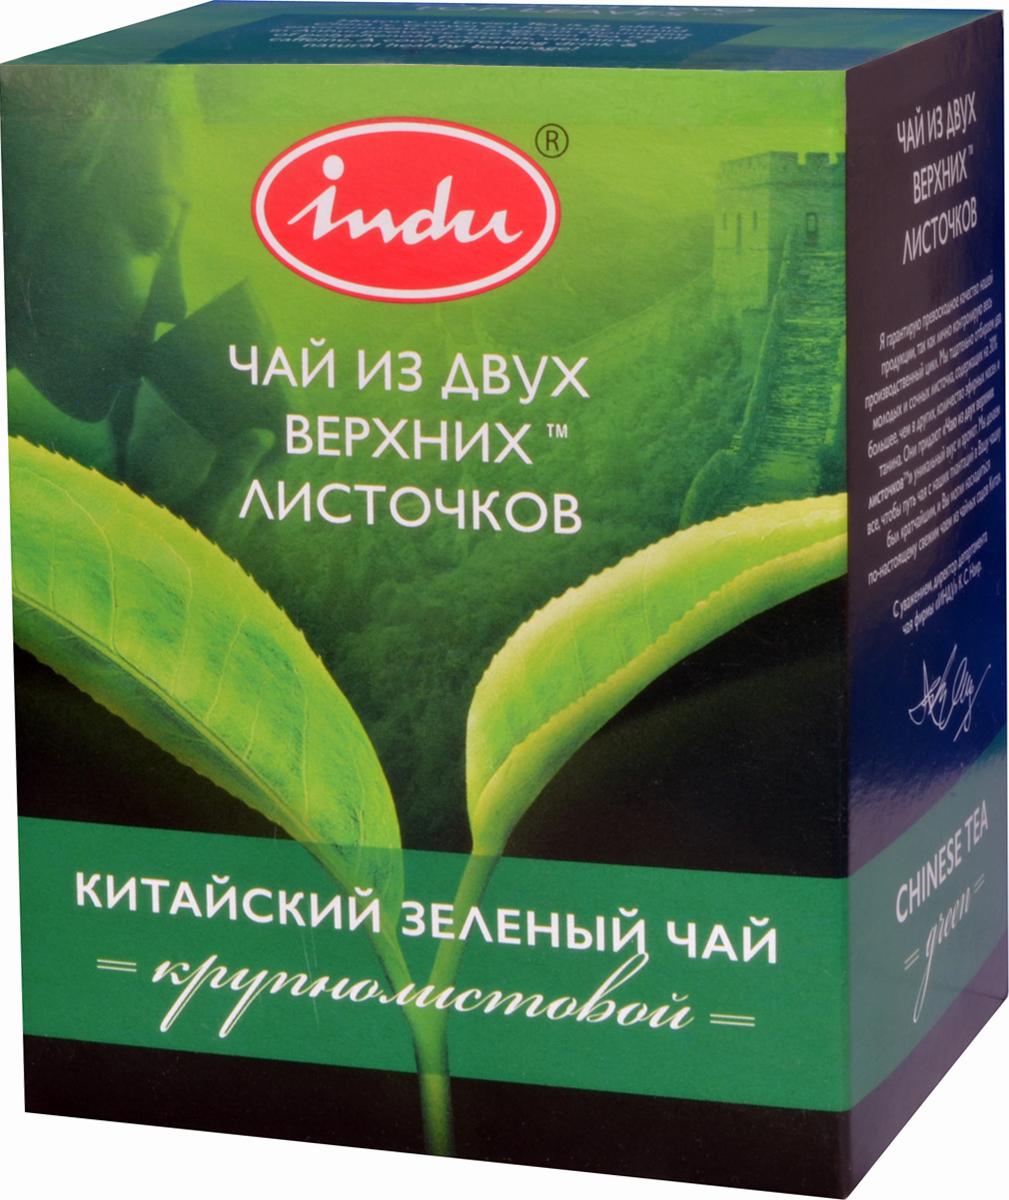 Indu Китайский зеленый листовой чай, 90 гTTL-GCH-198История этого зеленого чая такая же древняя, как и сам Китай. Выращенный во влажном климате гор Хуаньшань, он богат эфирными маслами, витаминами и полезными микроэлементами, а его настой по-настоящему освежает и несет пользу.Всё о чае: сорта, факты, советы по выбору и употреблению. Статья OZON Гид